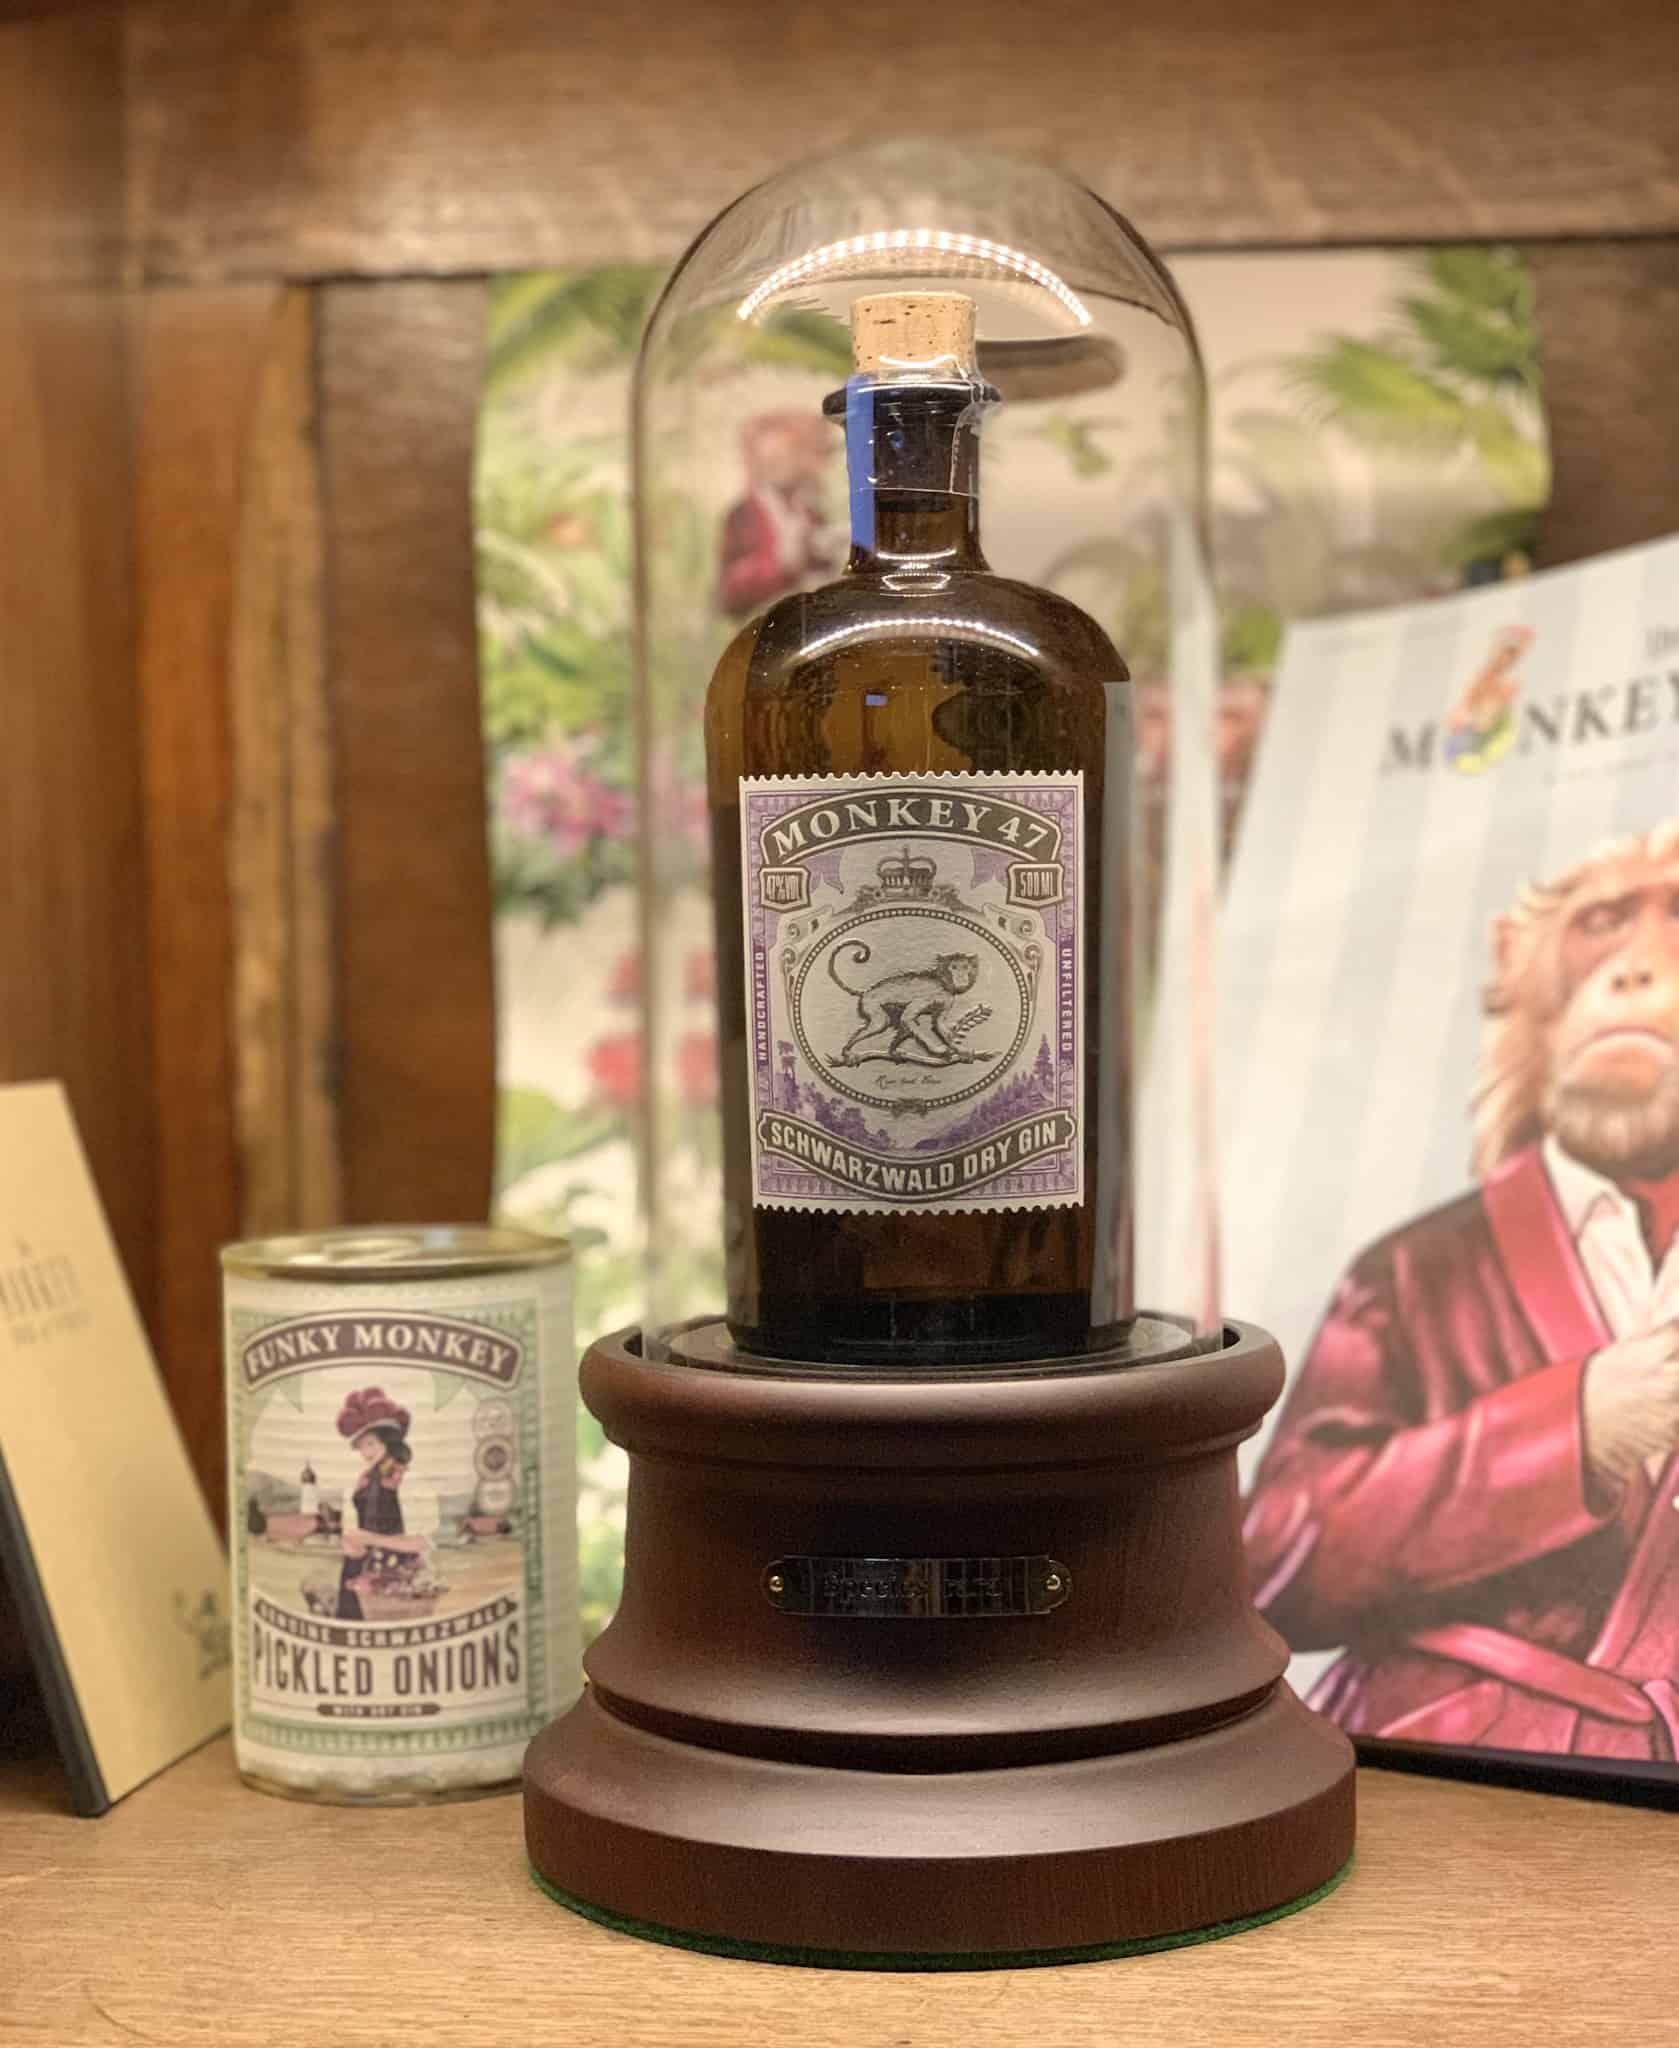 Le Gin Monkey 47